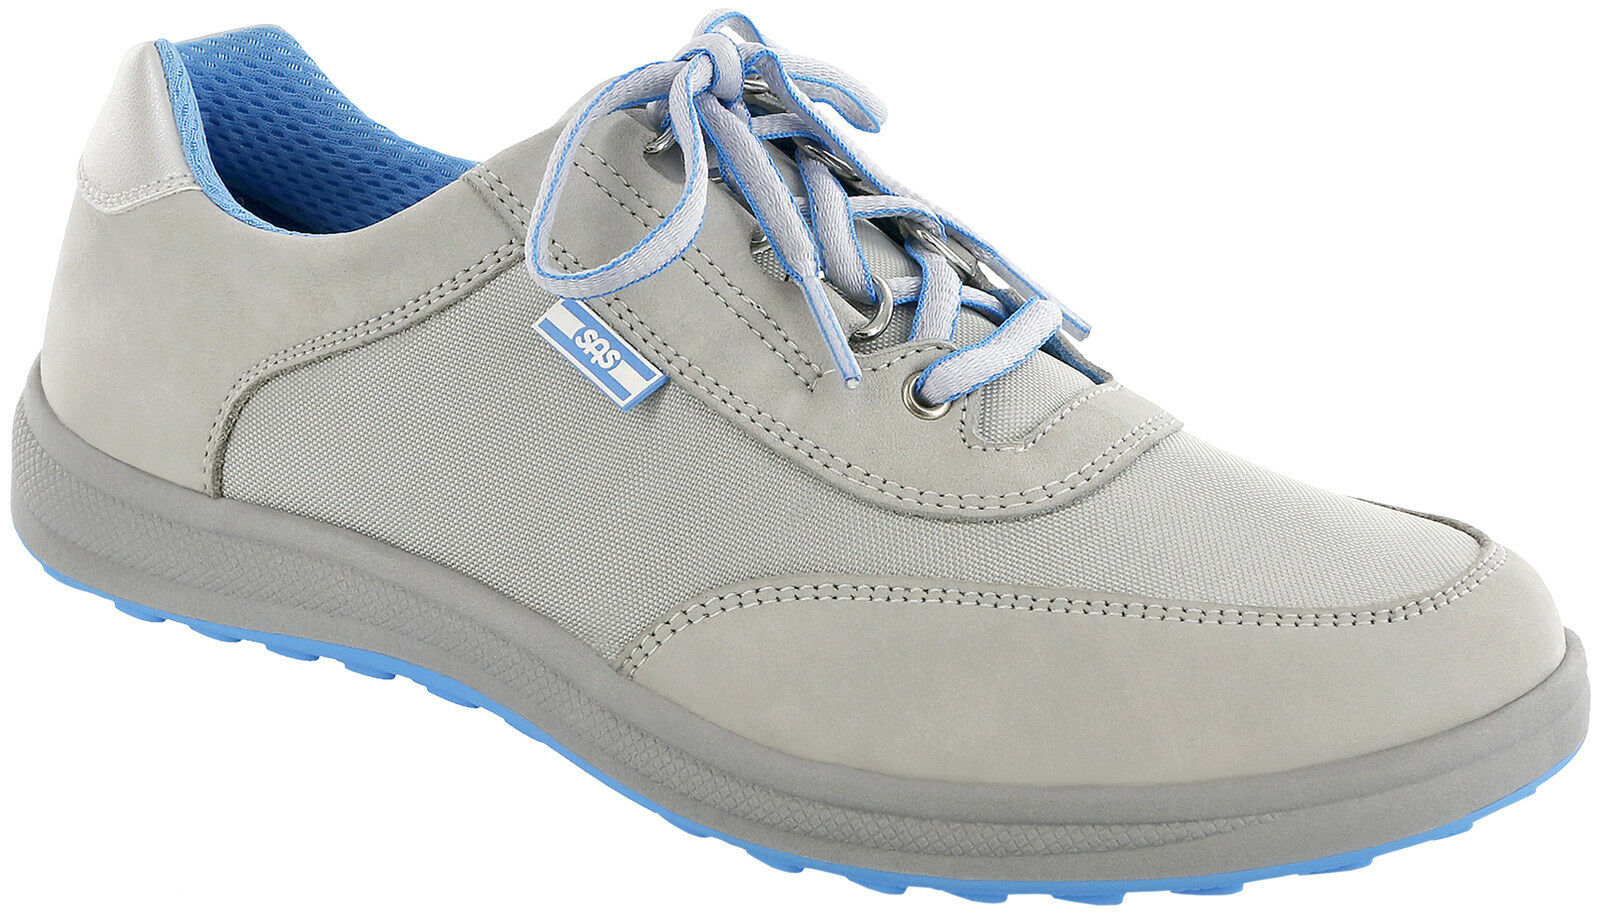 SAS para mujer zapatos para caminar el confort Deportivo Soporte para el caminar arco, hecho en EE. UU. 7cb2f3